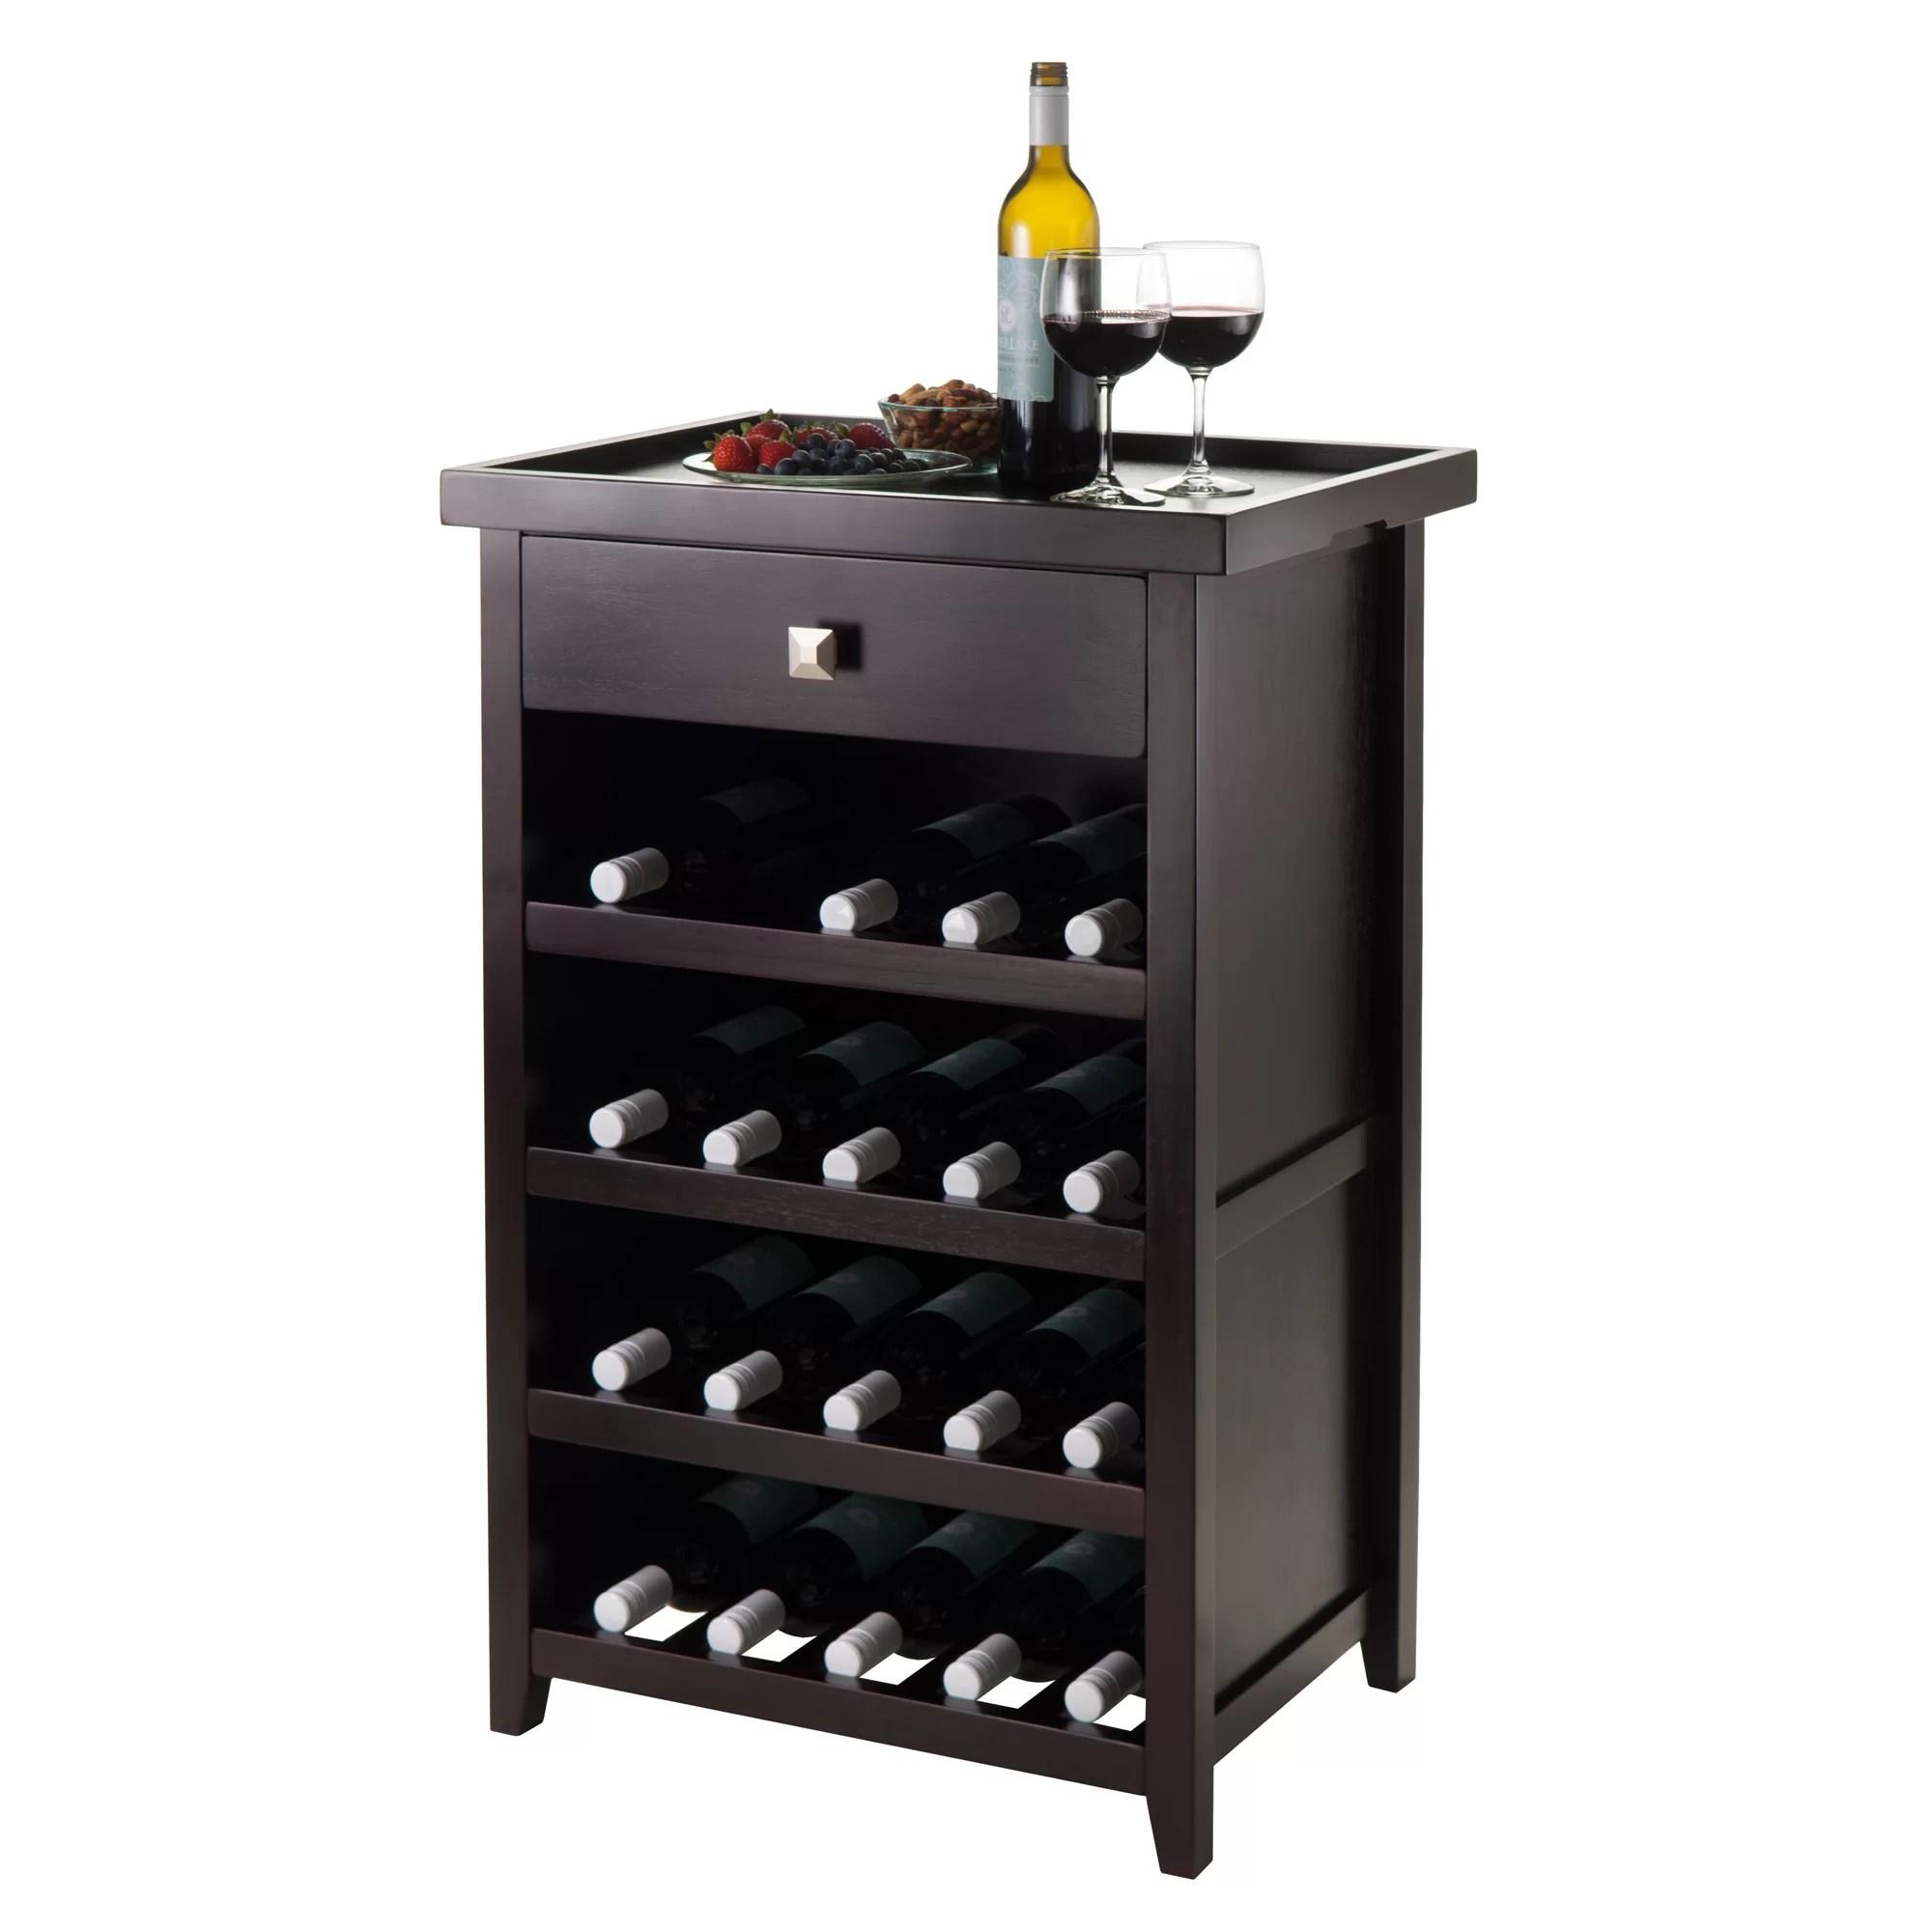 Winsome Zillah 20 Bottle Floor Wine Rack  Reviews  Wayfair